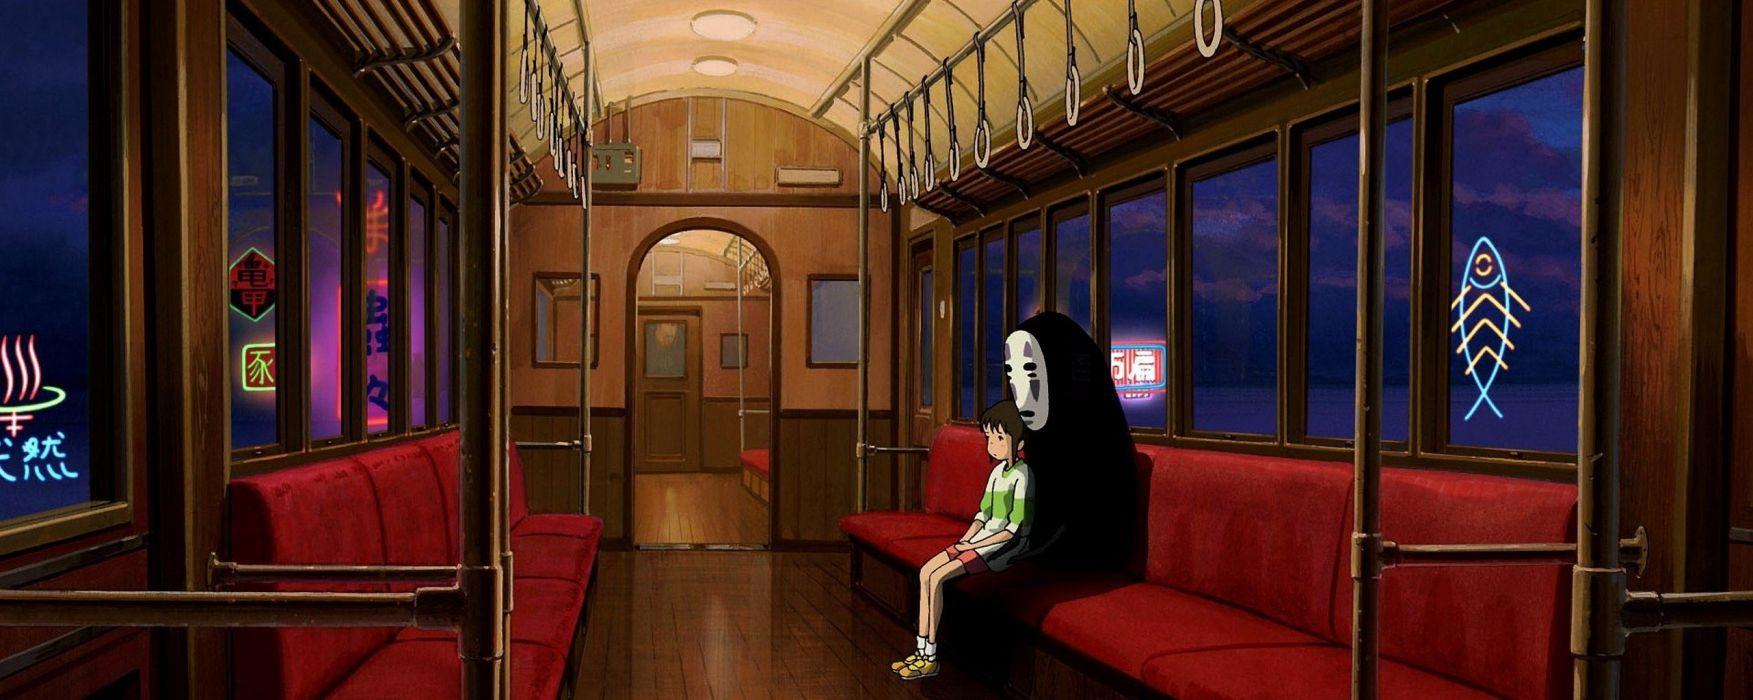 Hayao Miyazaki Spirited Away Studio Ghibli Wallpaper 2565x1024